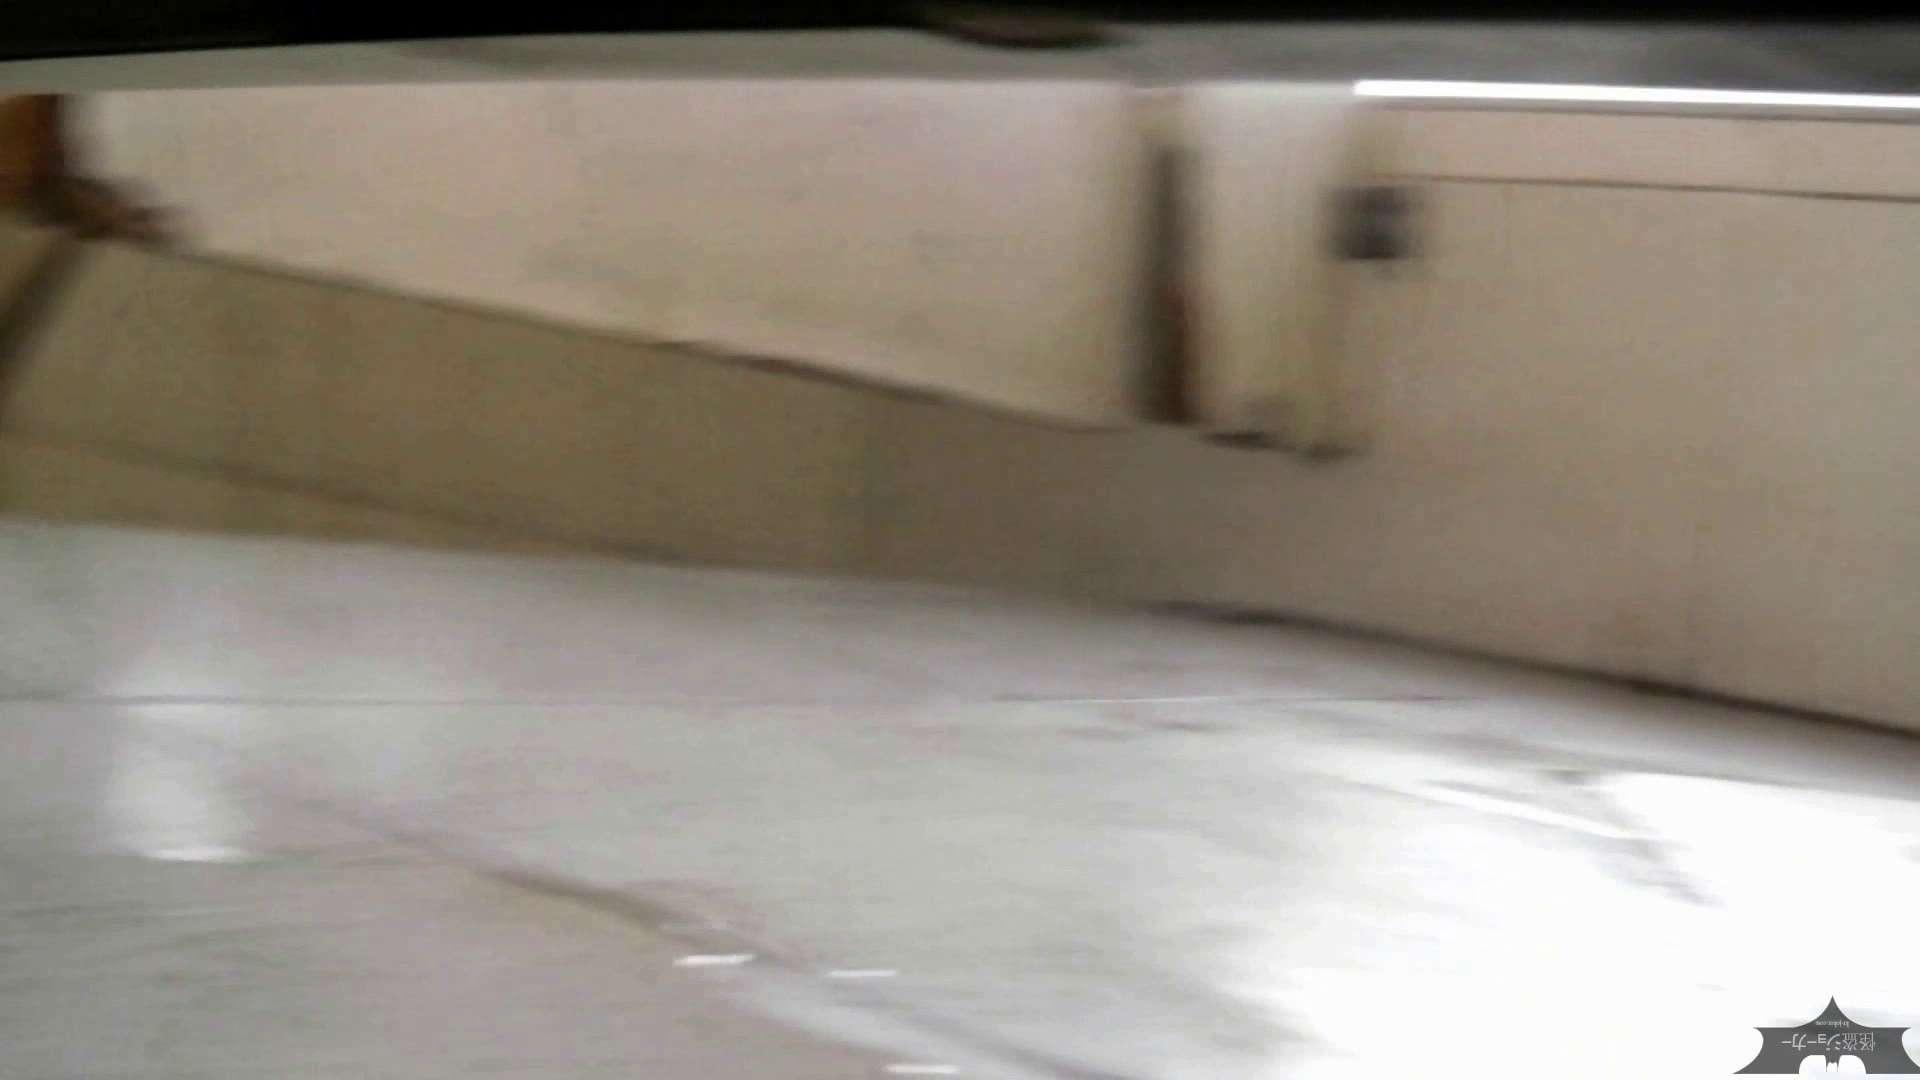 ステーション編 vol.25 必見桜庭みなみ?似 登場! 洗面所シーン ワレメ動画紹介 87画像 46